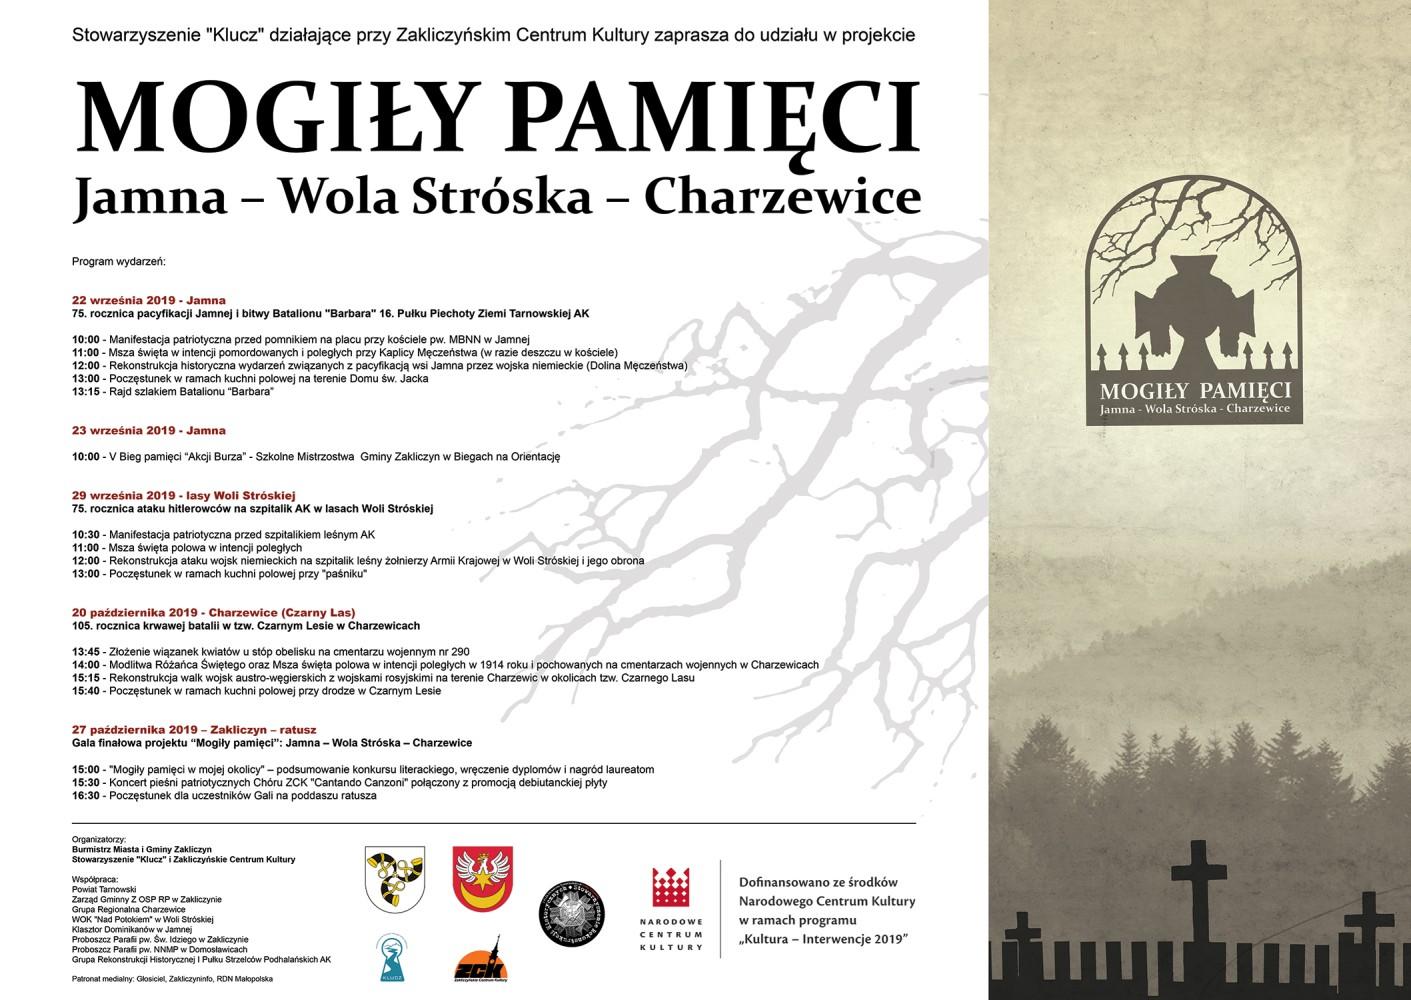 """""""Mogiły pamięci"""" - Jamna - Wola Stróska - Charzewice, plakat"""